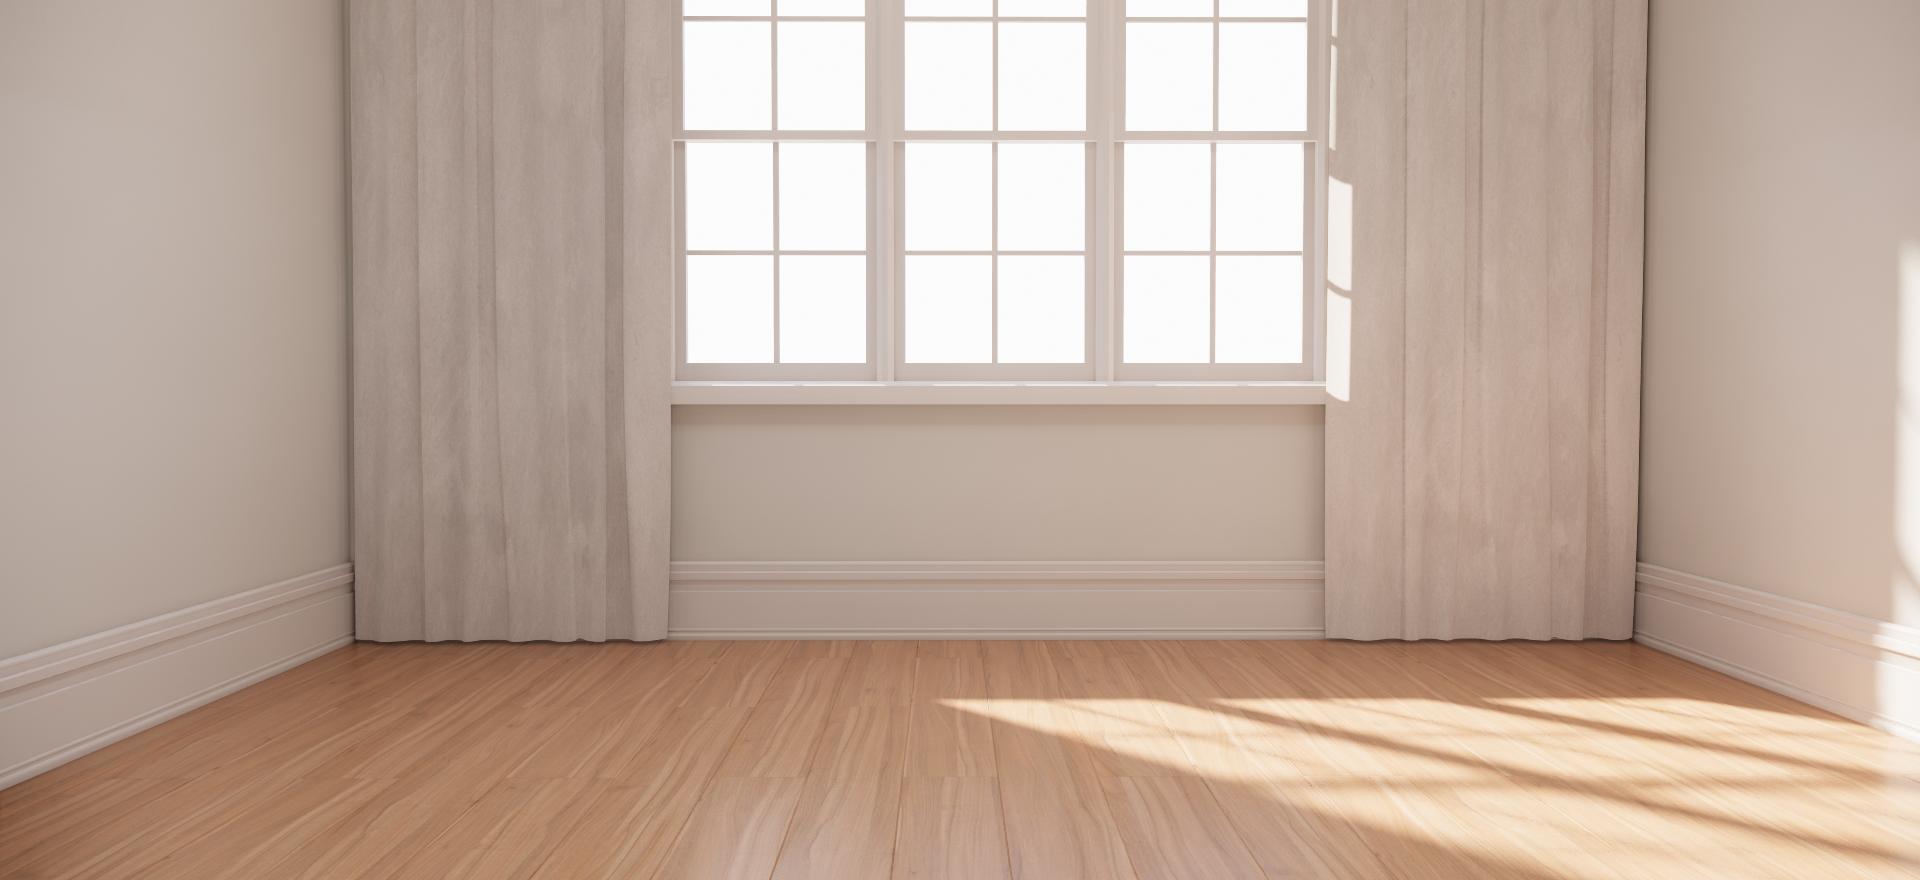 Wood Flooring 10.png